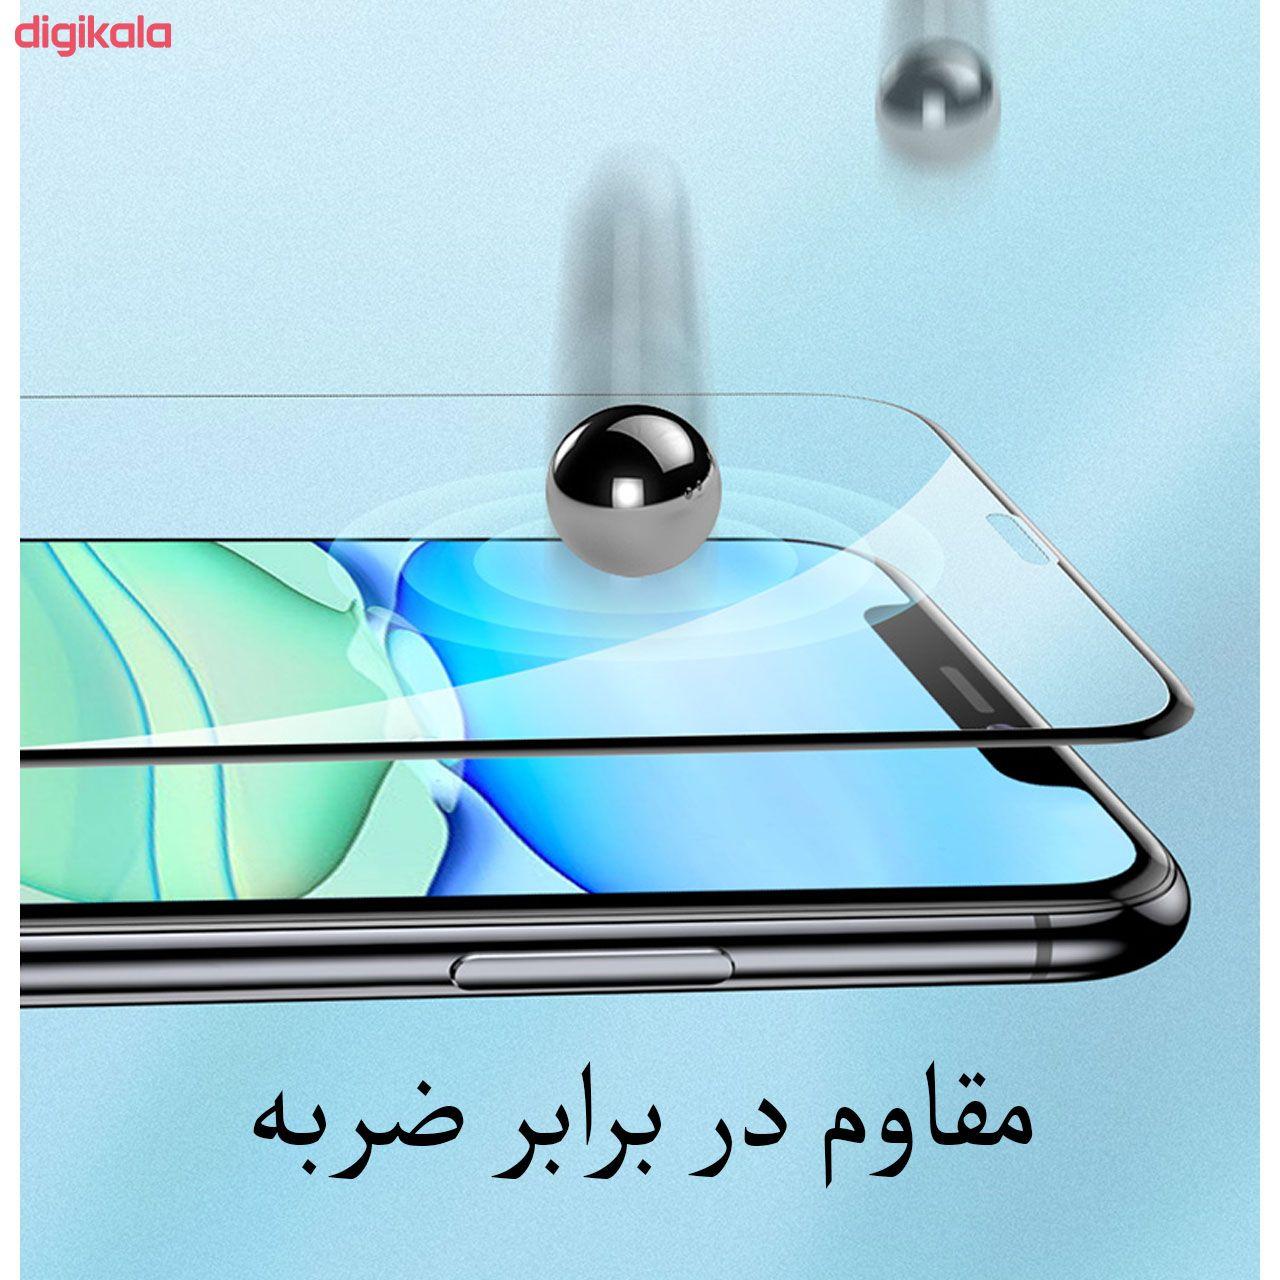 محافظ صفحه نمایش مدل FCG مناسب برای گوشی موبایل اپل iPhone 12 Pro Max بسته دو عددی main 1 8